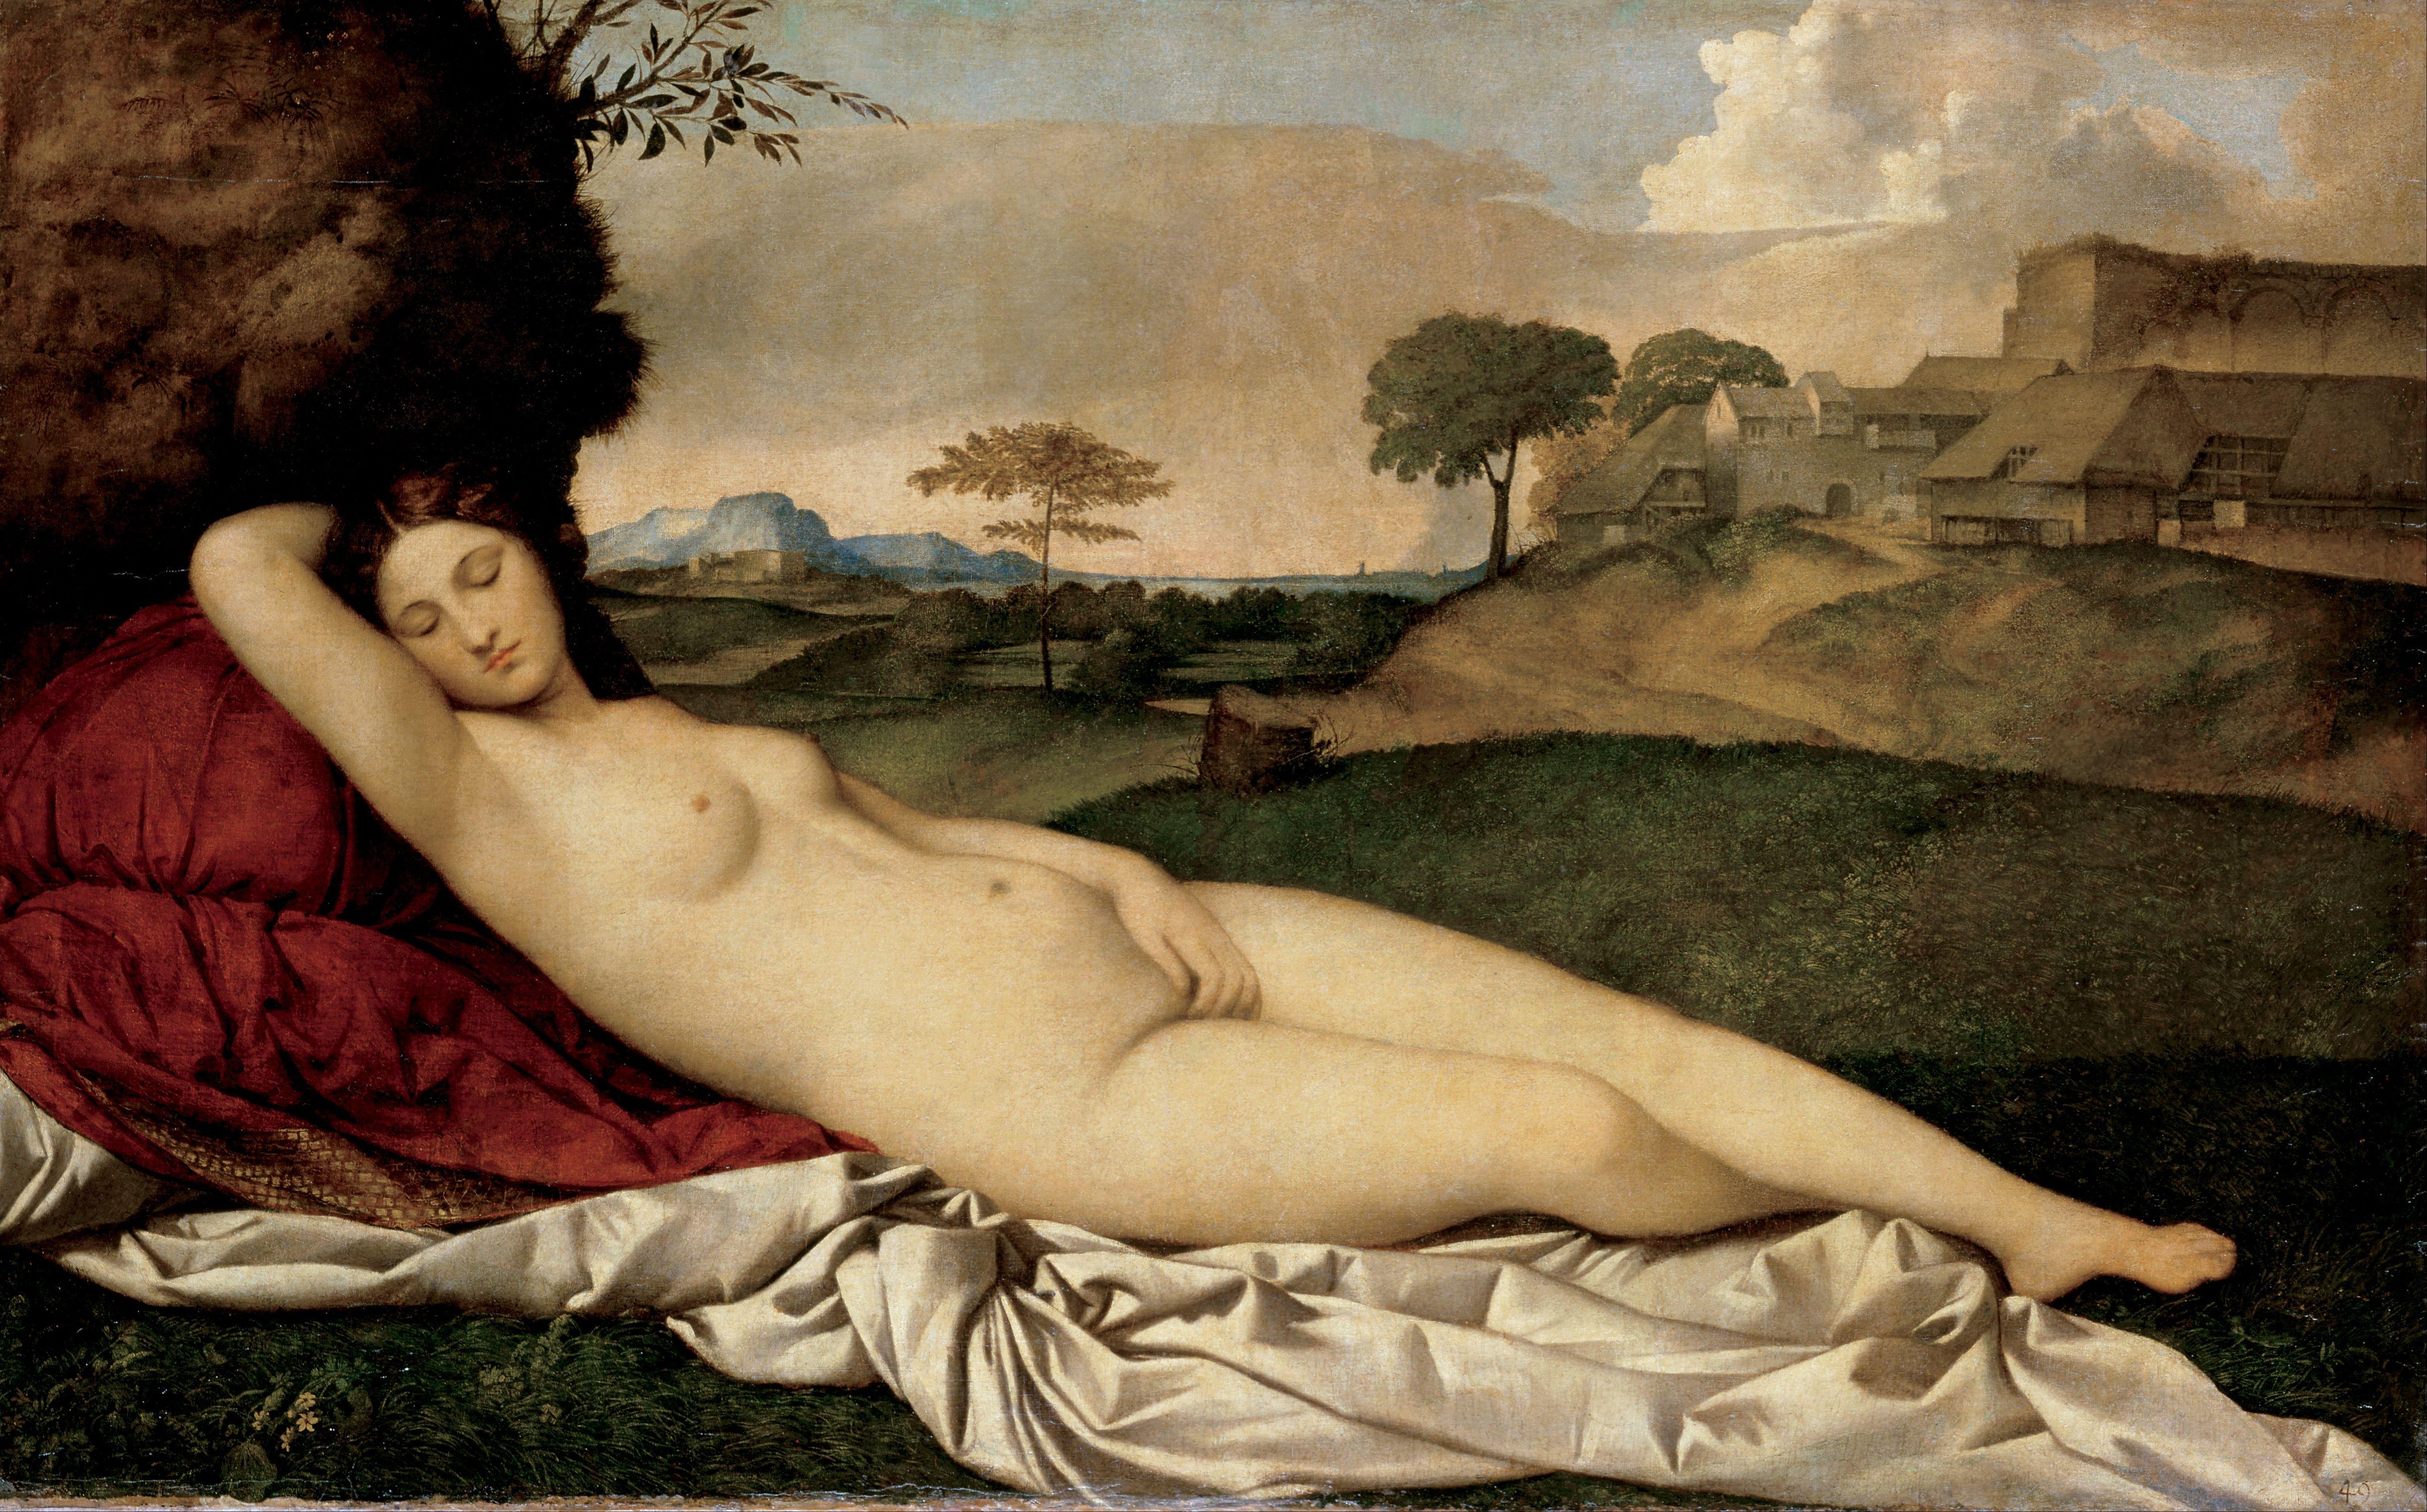 Giorgione, ок.1477-1510. Спящая Венера (ок.1510) (108.5 х 175) (Дрезденская галлерея).